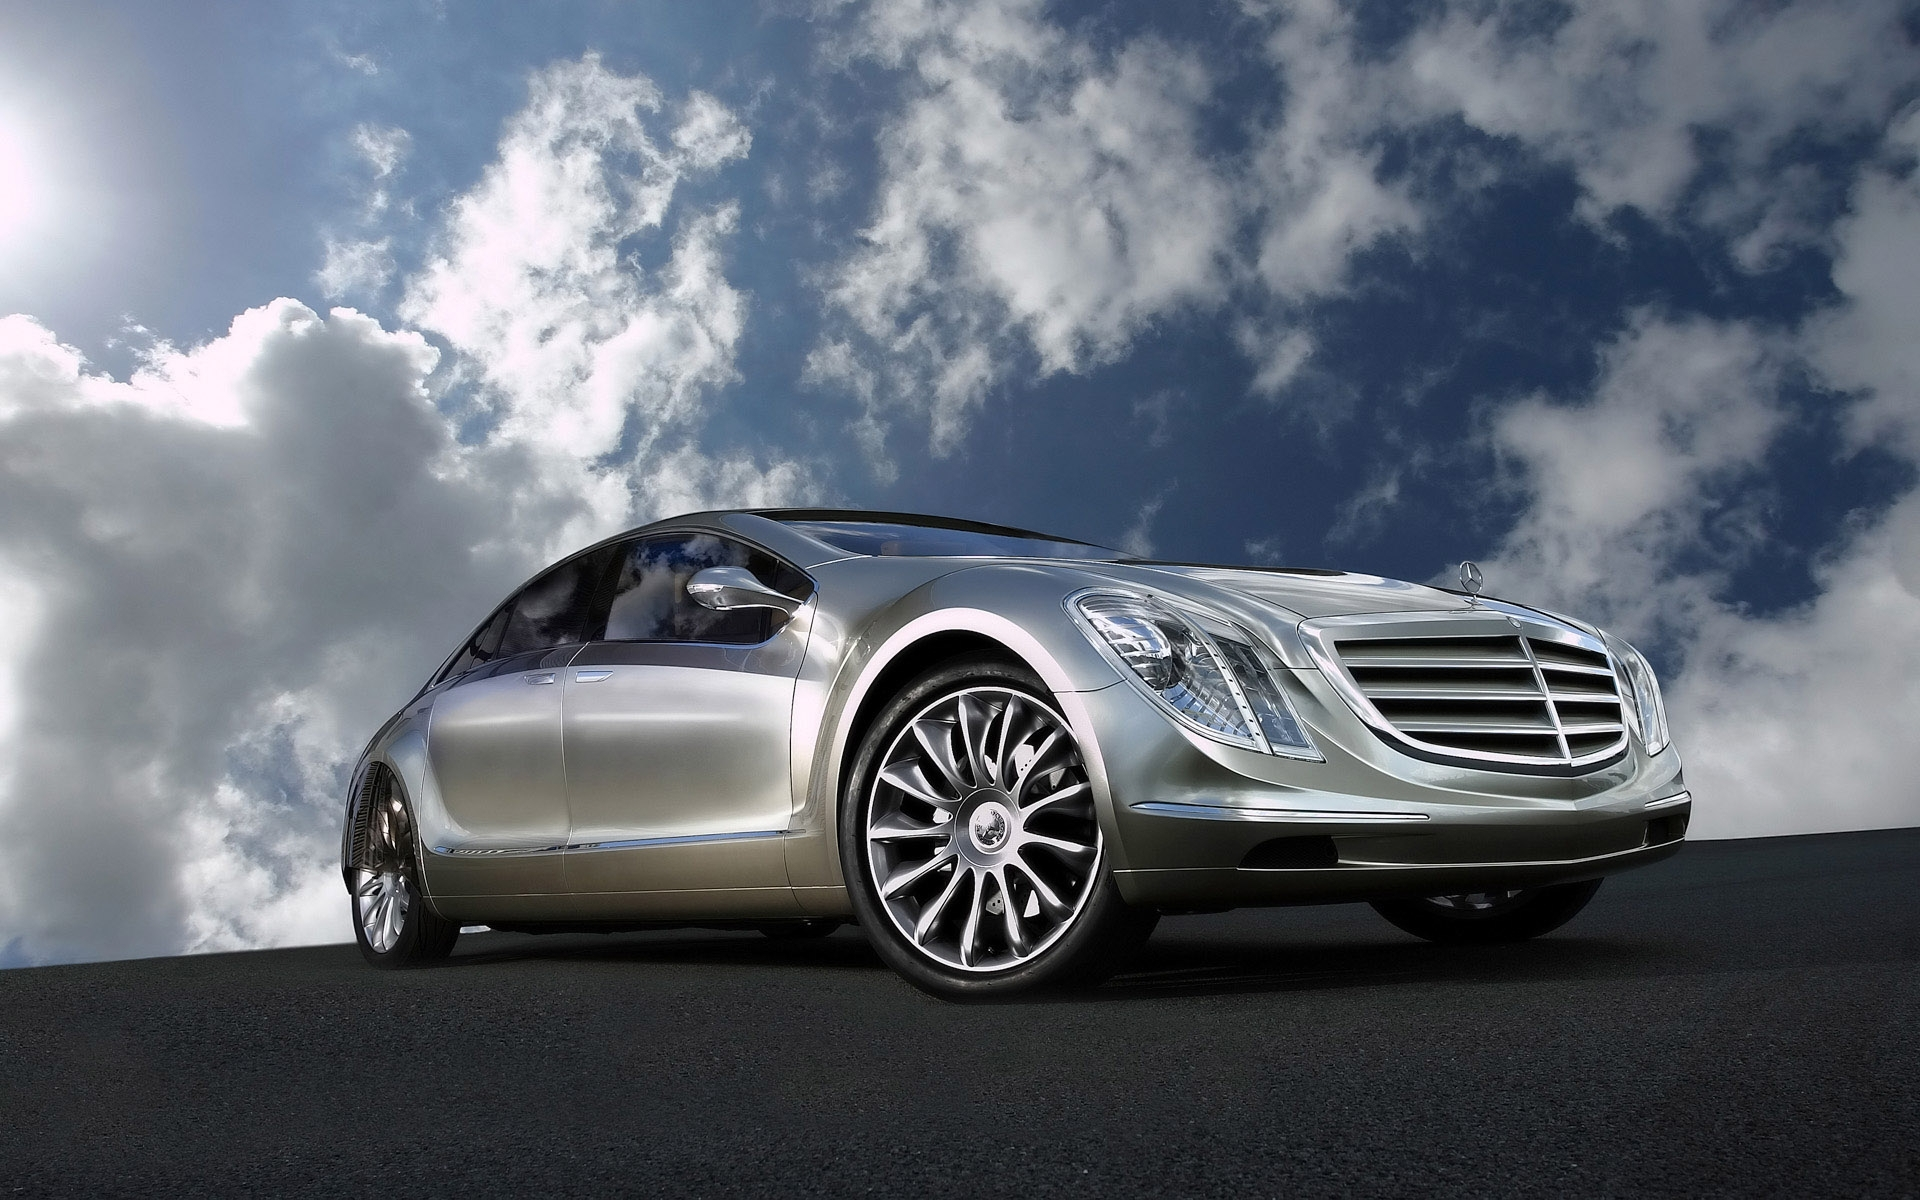 2834 скачать обои Транспорт, Машины, Мерседес (Mercedes) - заставки и картинки бесплатно